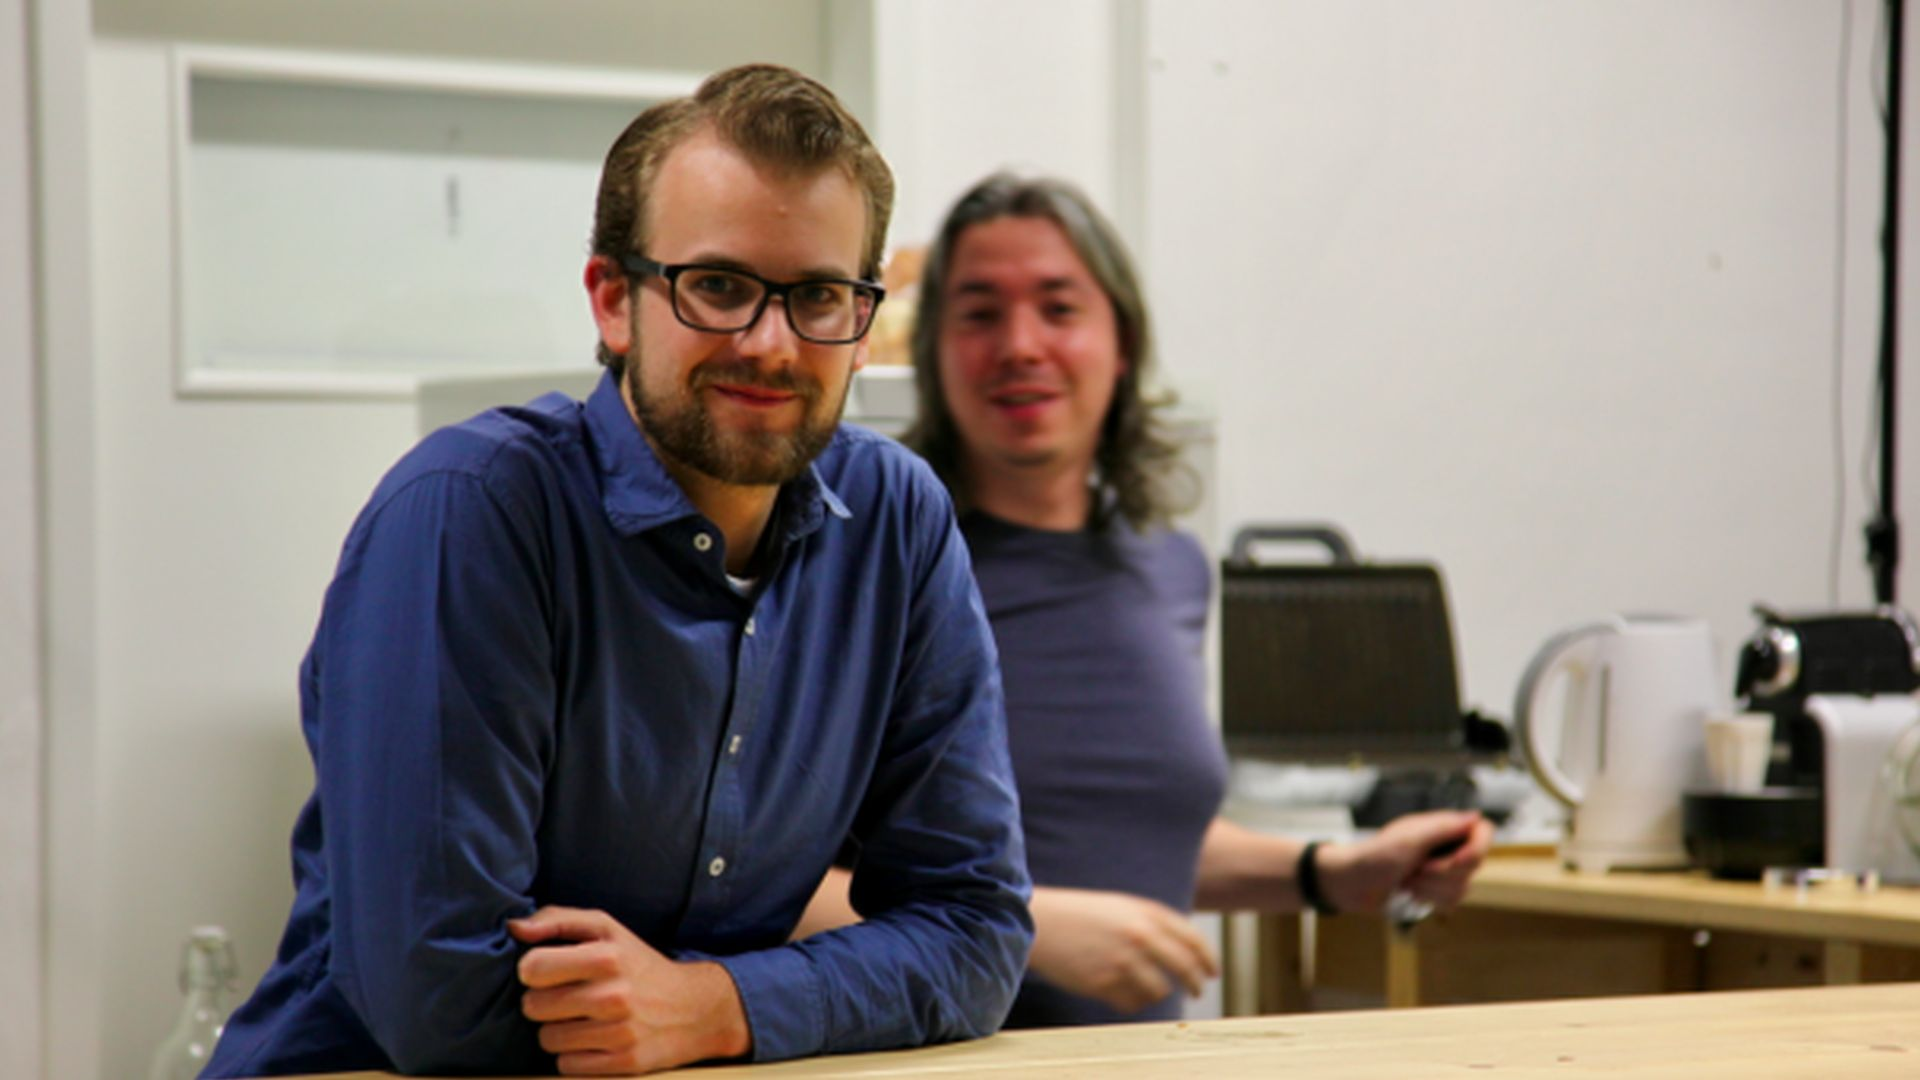 Manus VR: after NASA follows the consumer market